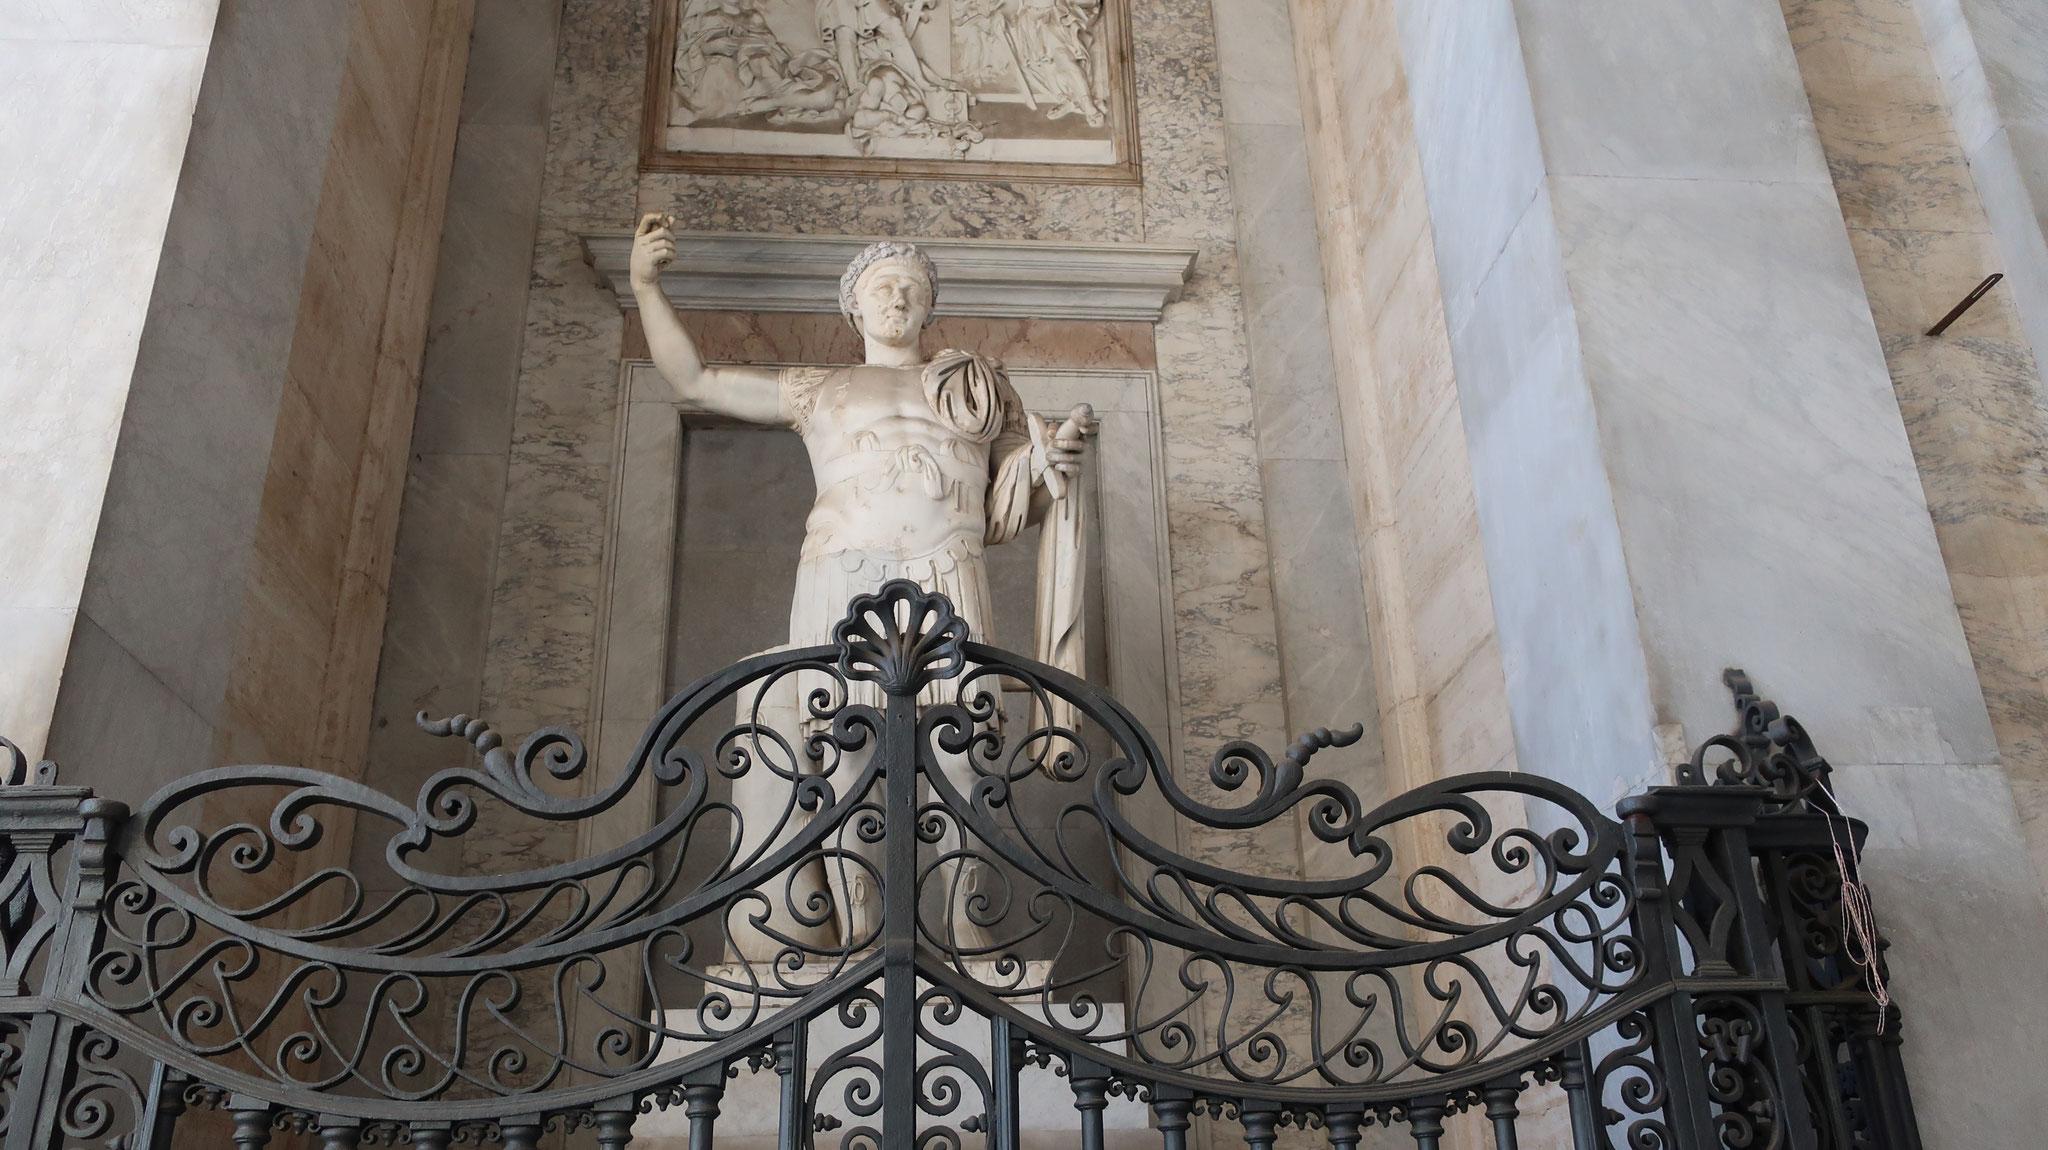 コンスタンティヌス1世(大帝)。313年、ミラノ勅令によりローマ皇帝として初めてキリスト教を公認しました。